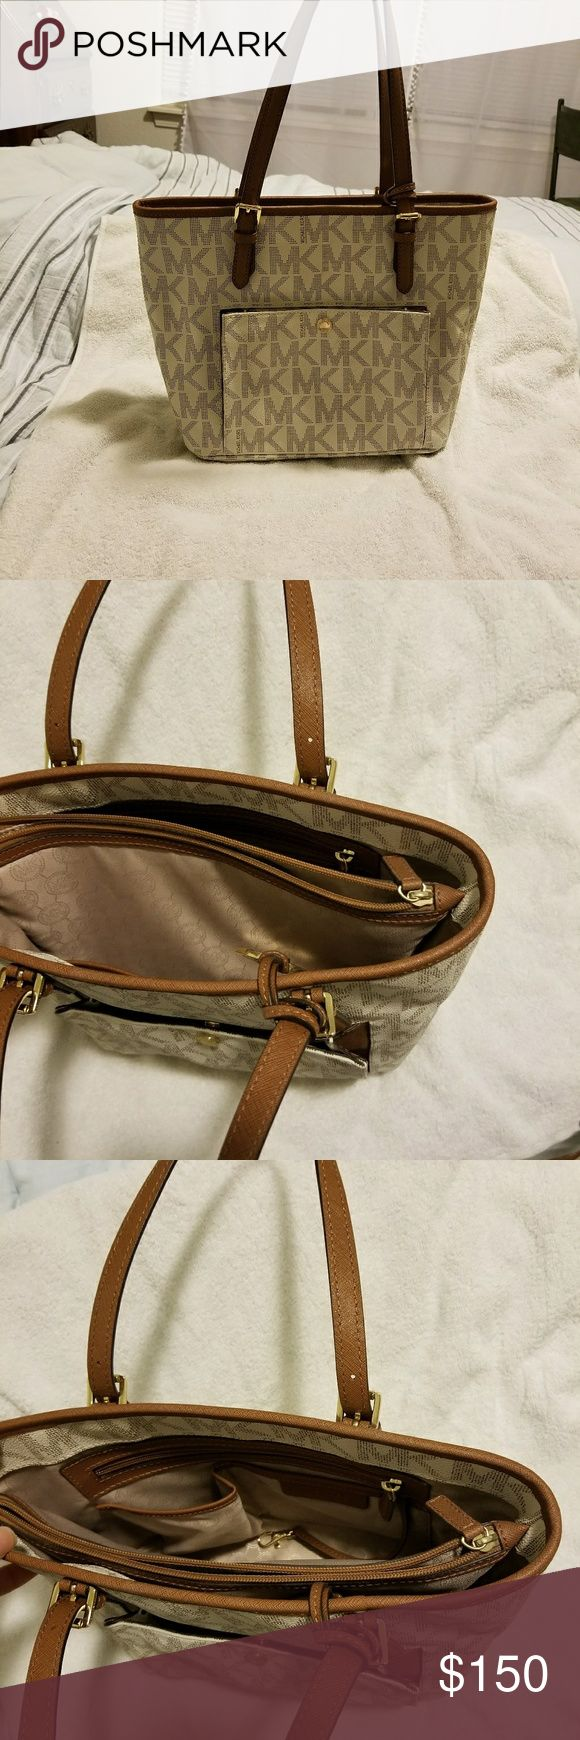 original michael kors purses on sale michael kors handbags on sale under 100